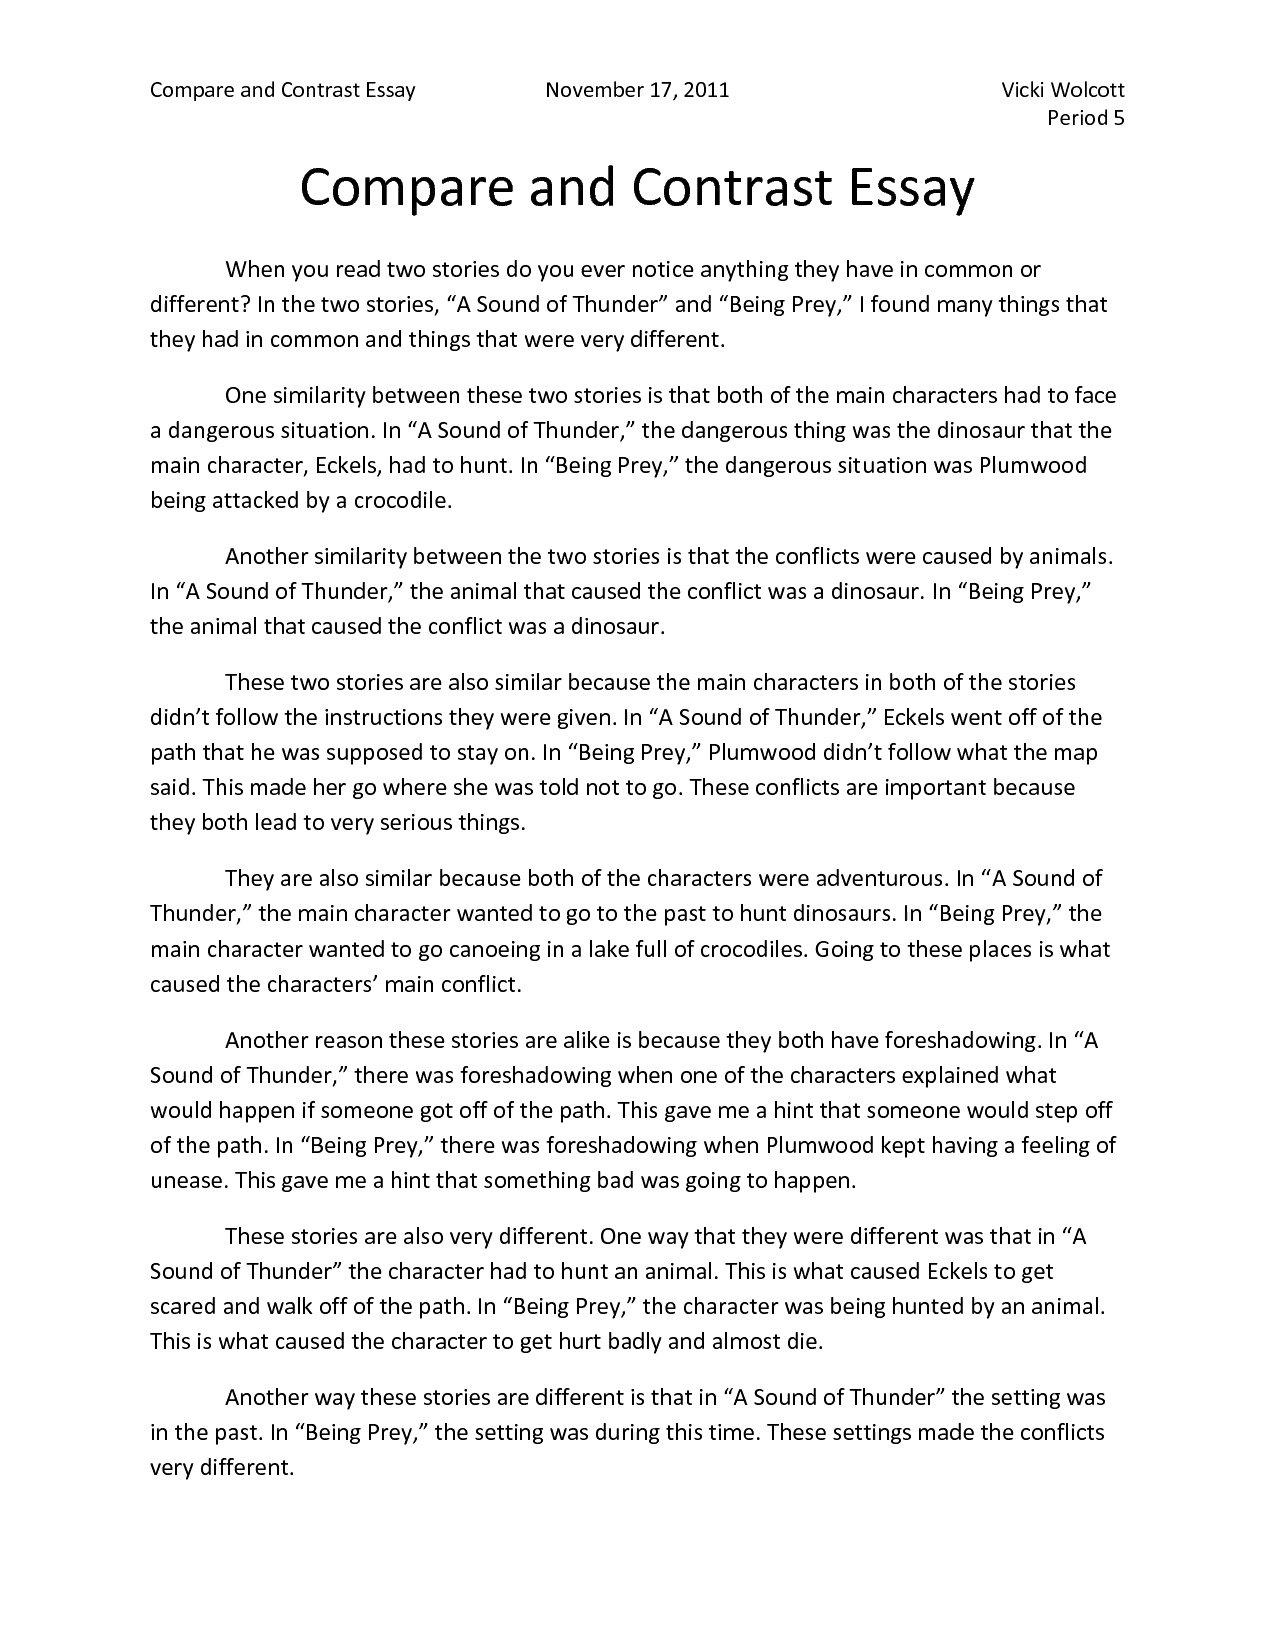 comparison essays topics - coles.thecolossus.co